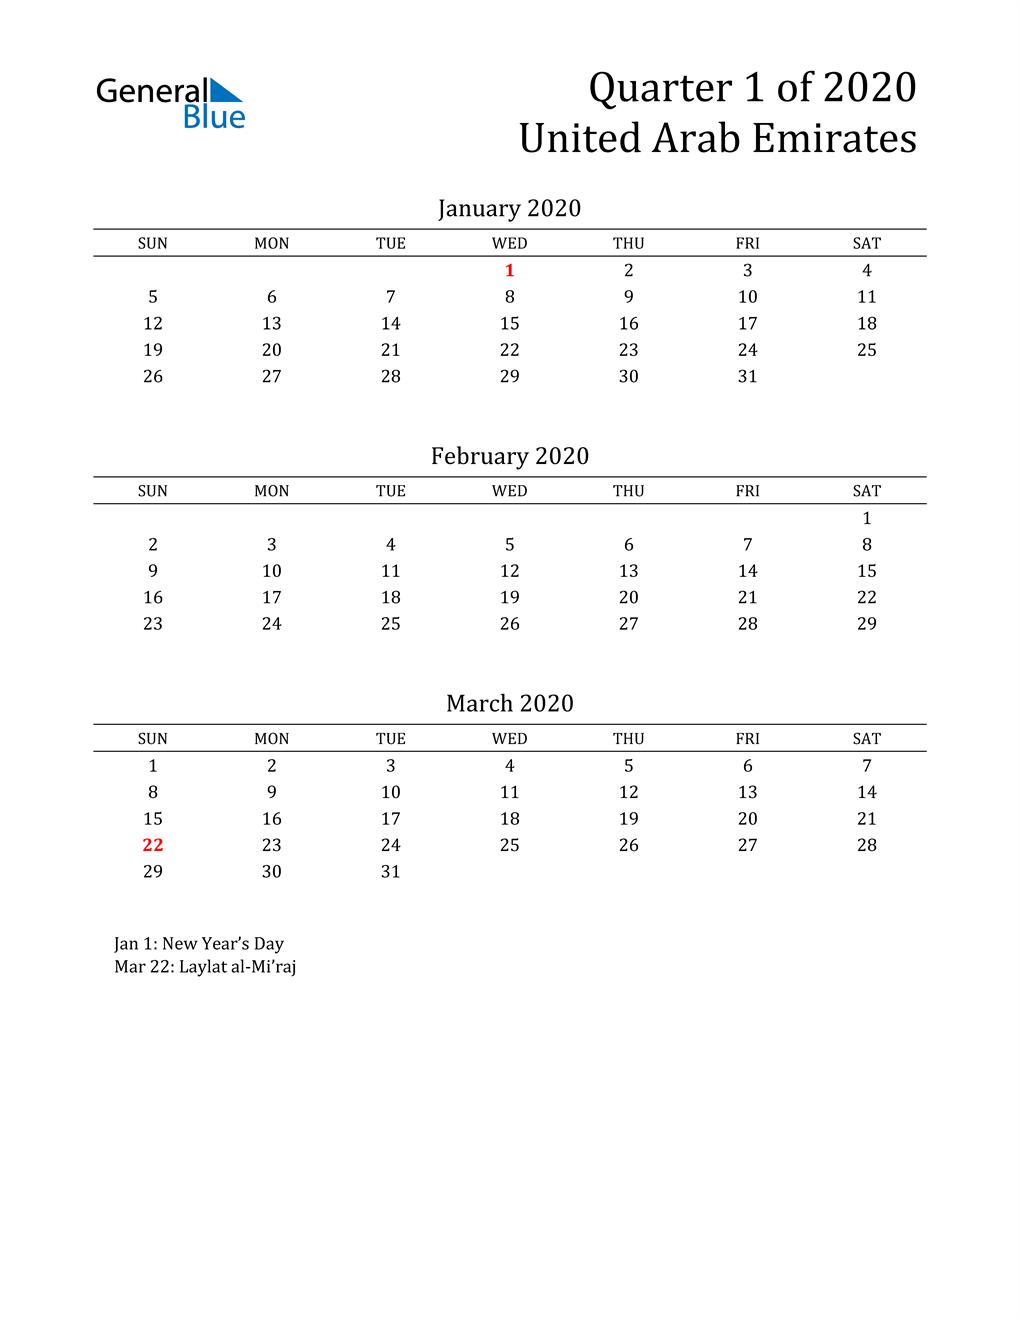 2020 United Arab Emirates Quarterly Calendar